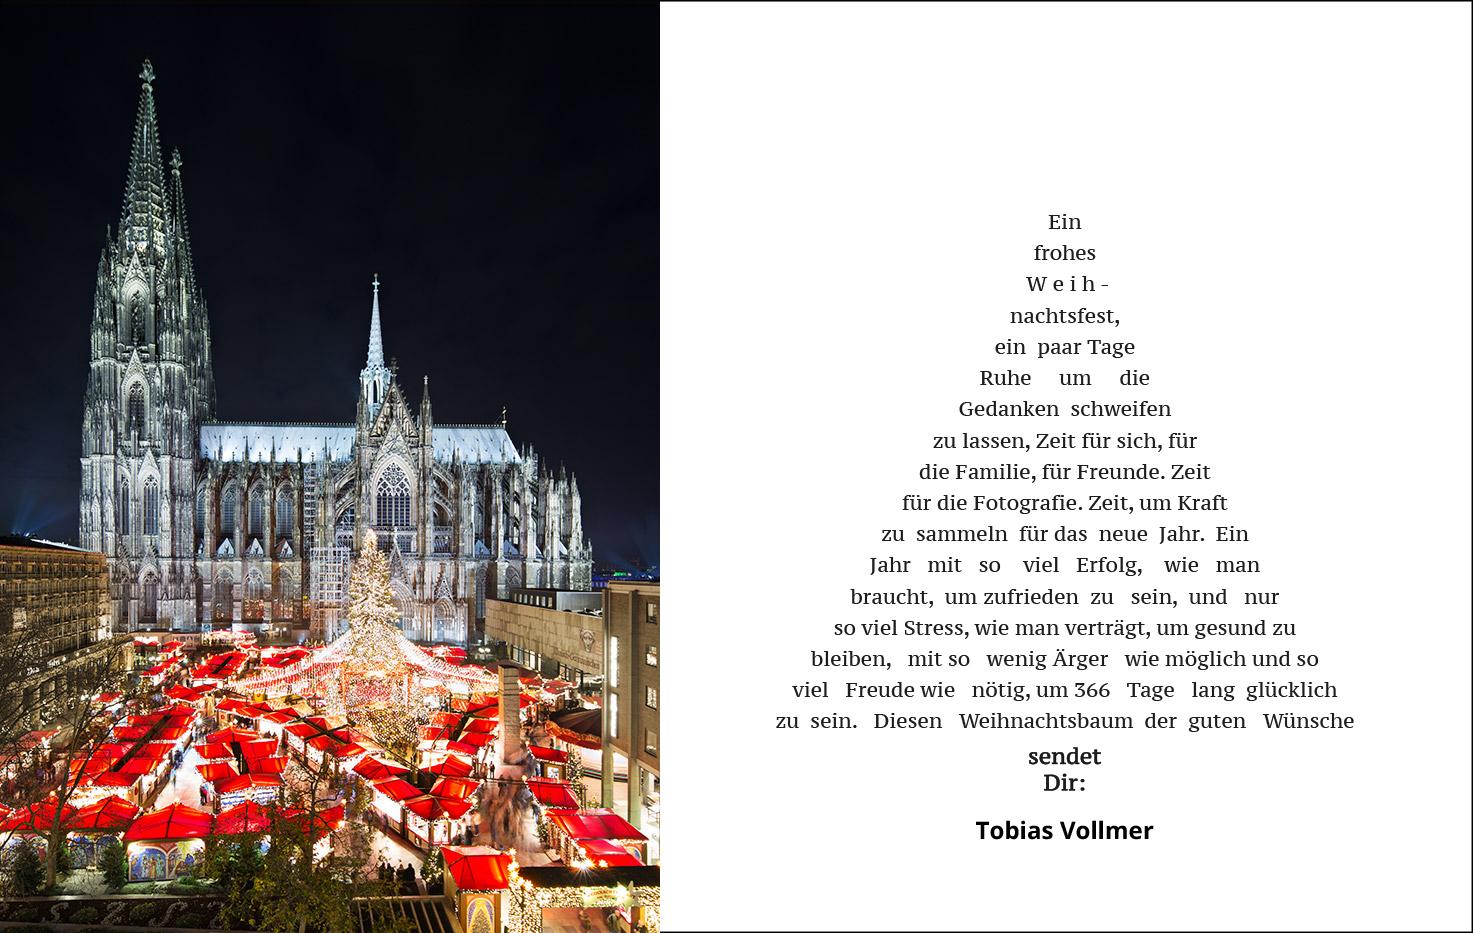 weihnachten_fotograf_vollmer